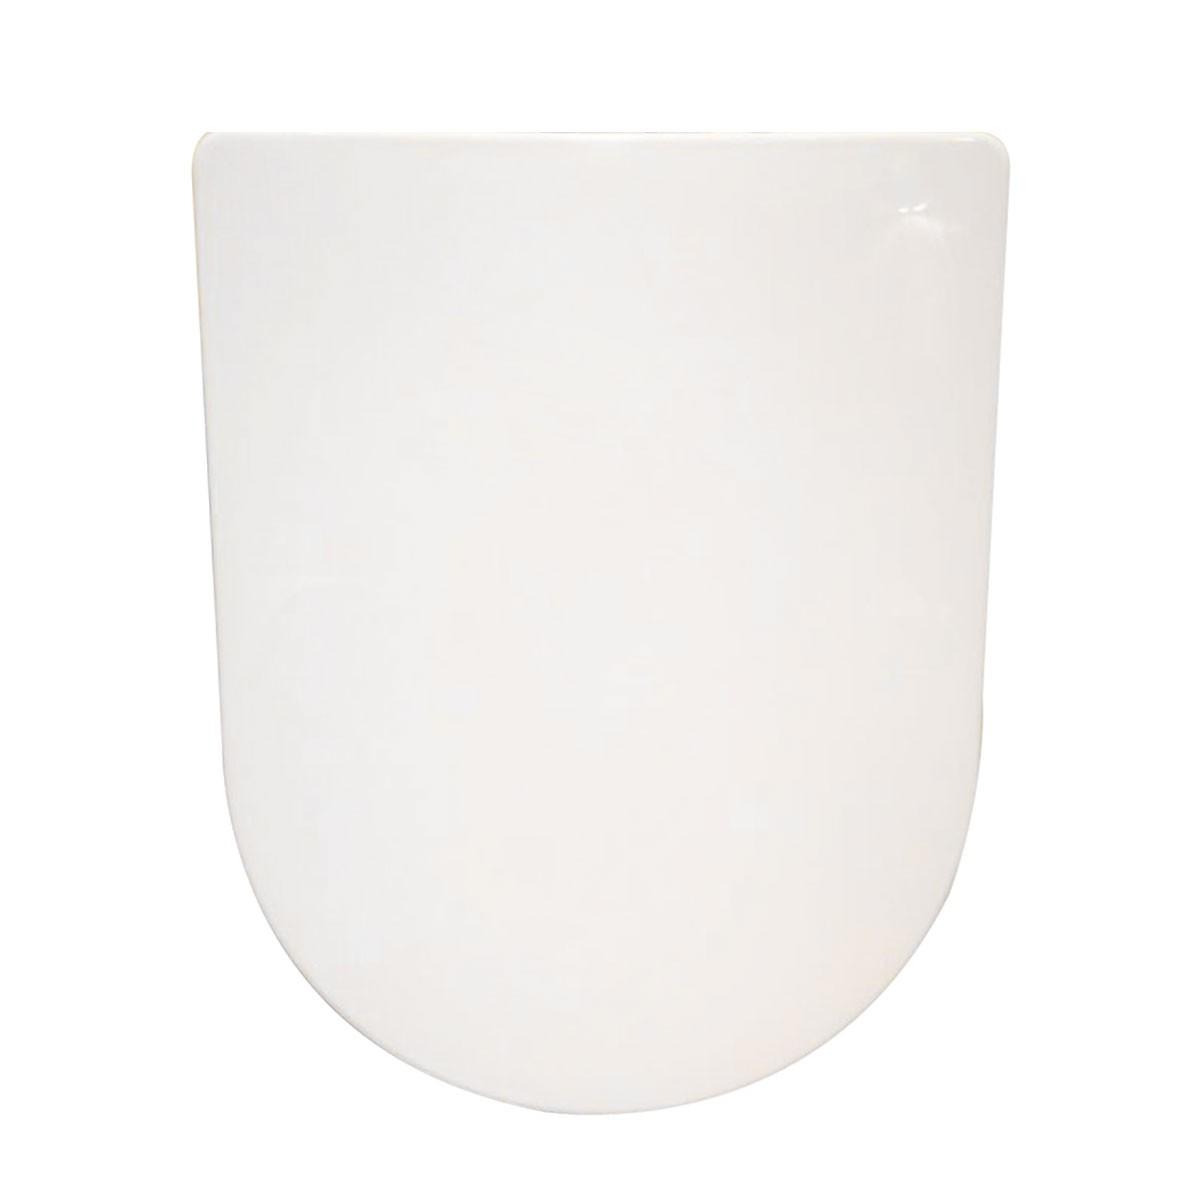 Siège de Toilette Blanc à Fermeture Douce avec Couvercle en PP (DK-CL-020)